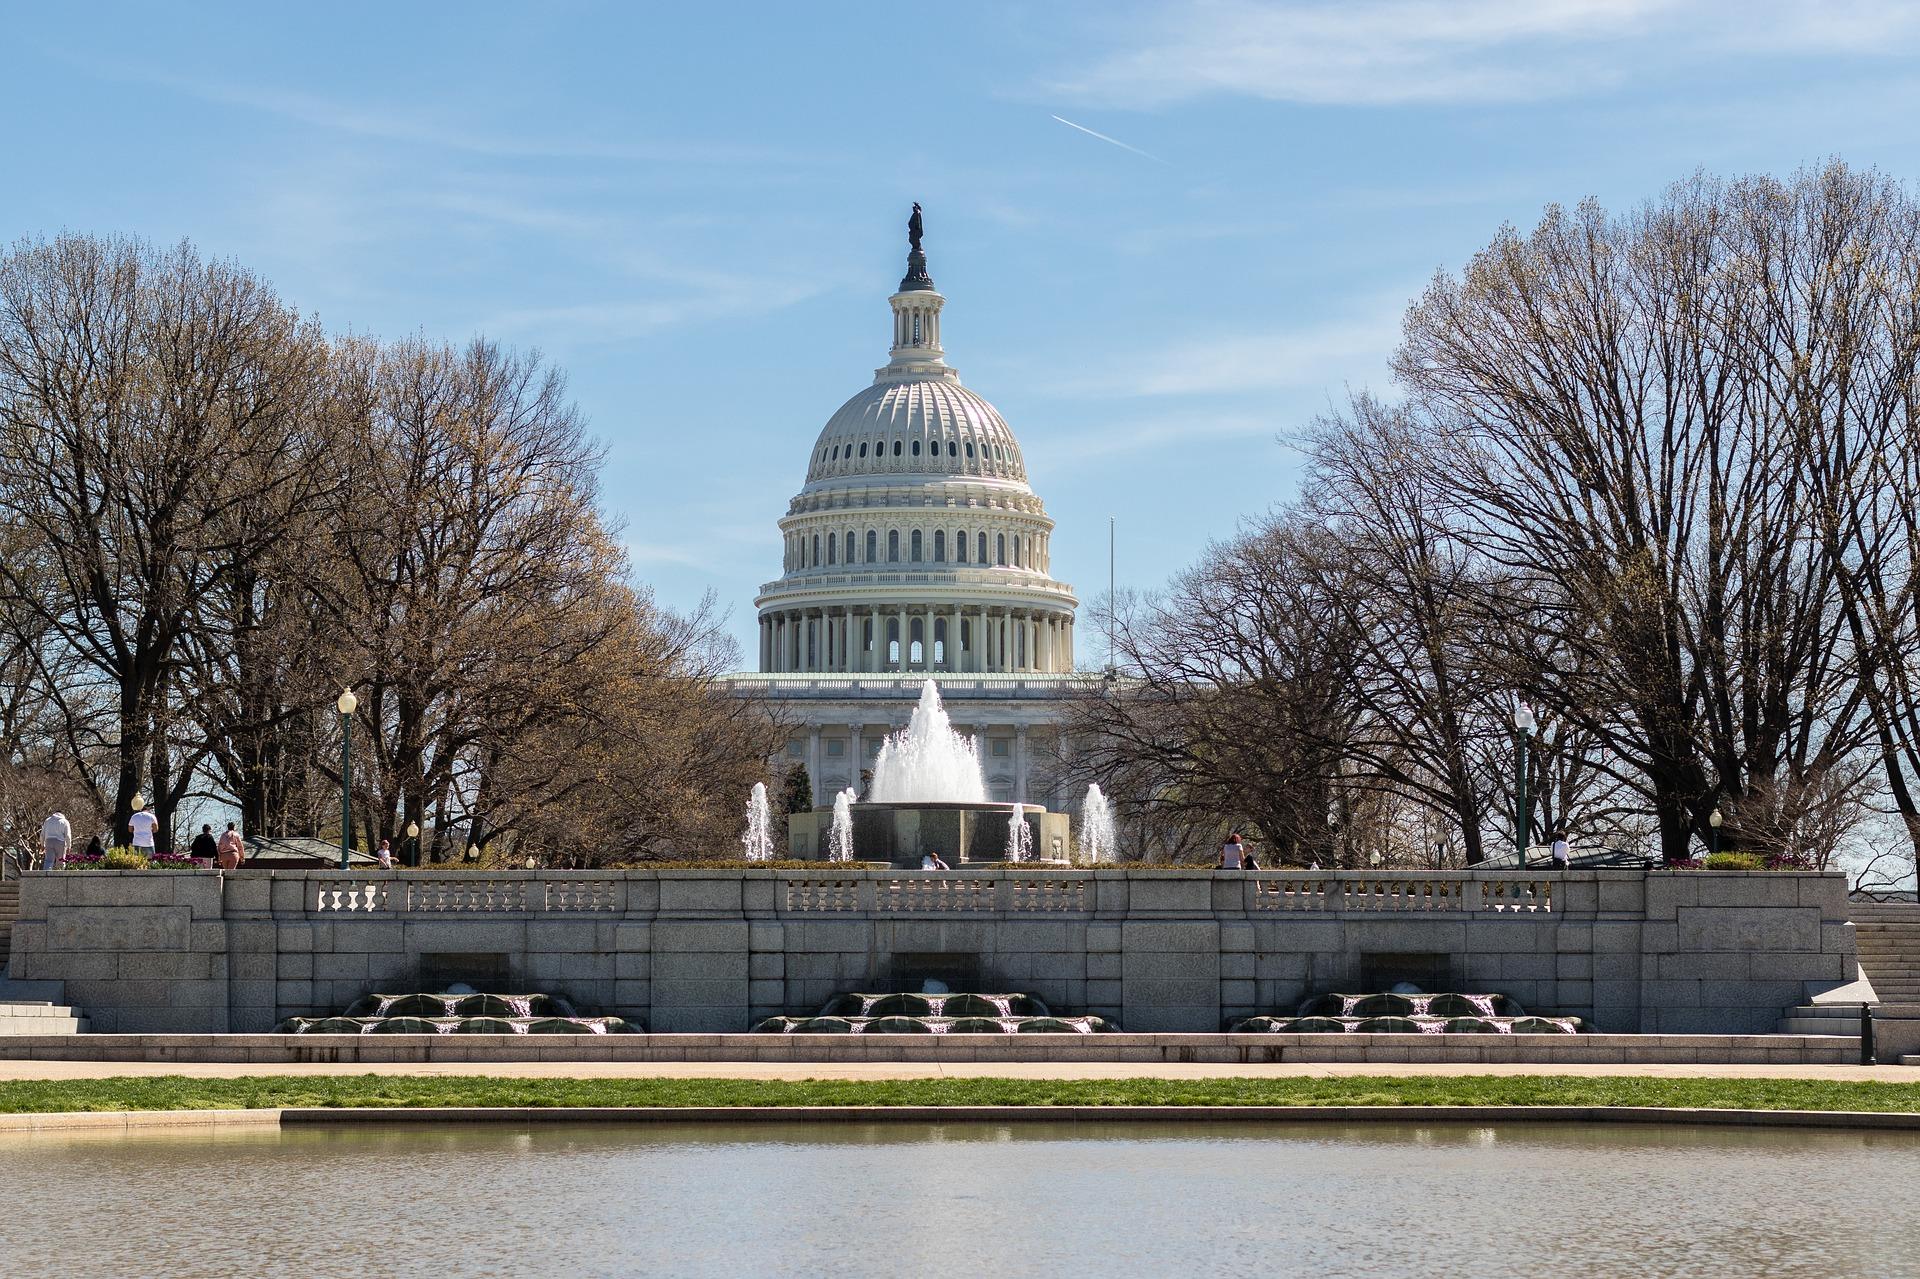 One Place, Two Ways: Washington DC